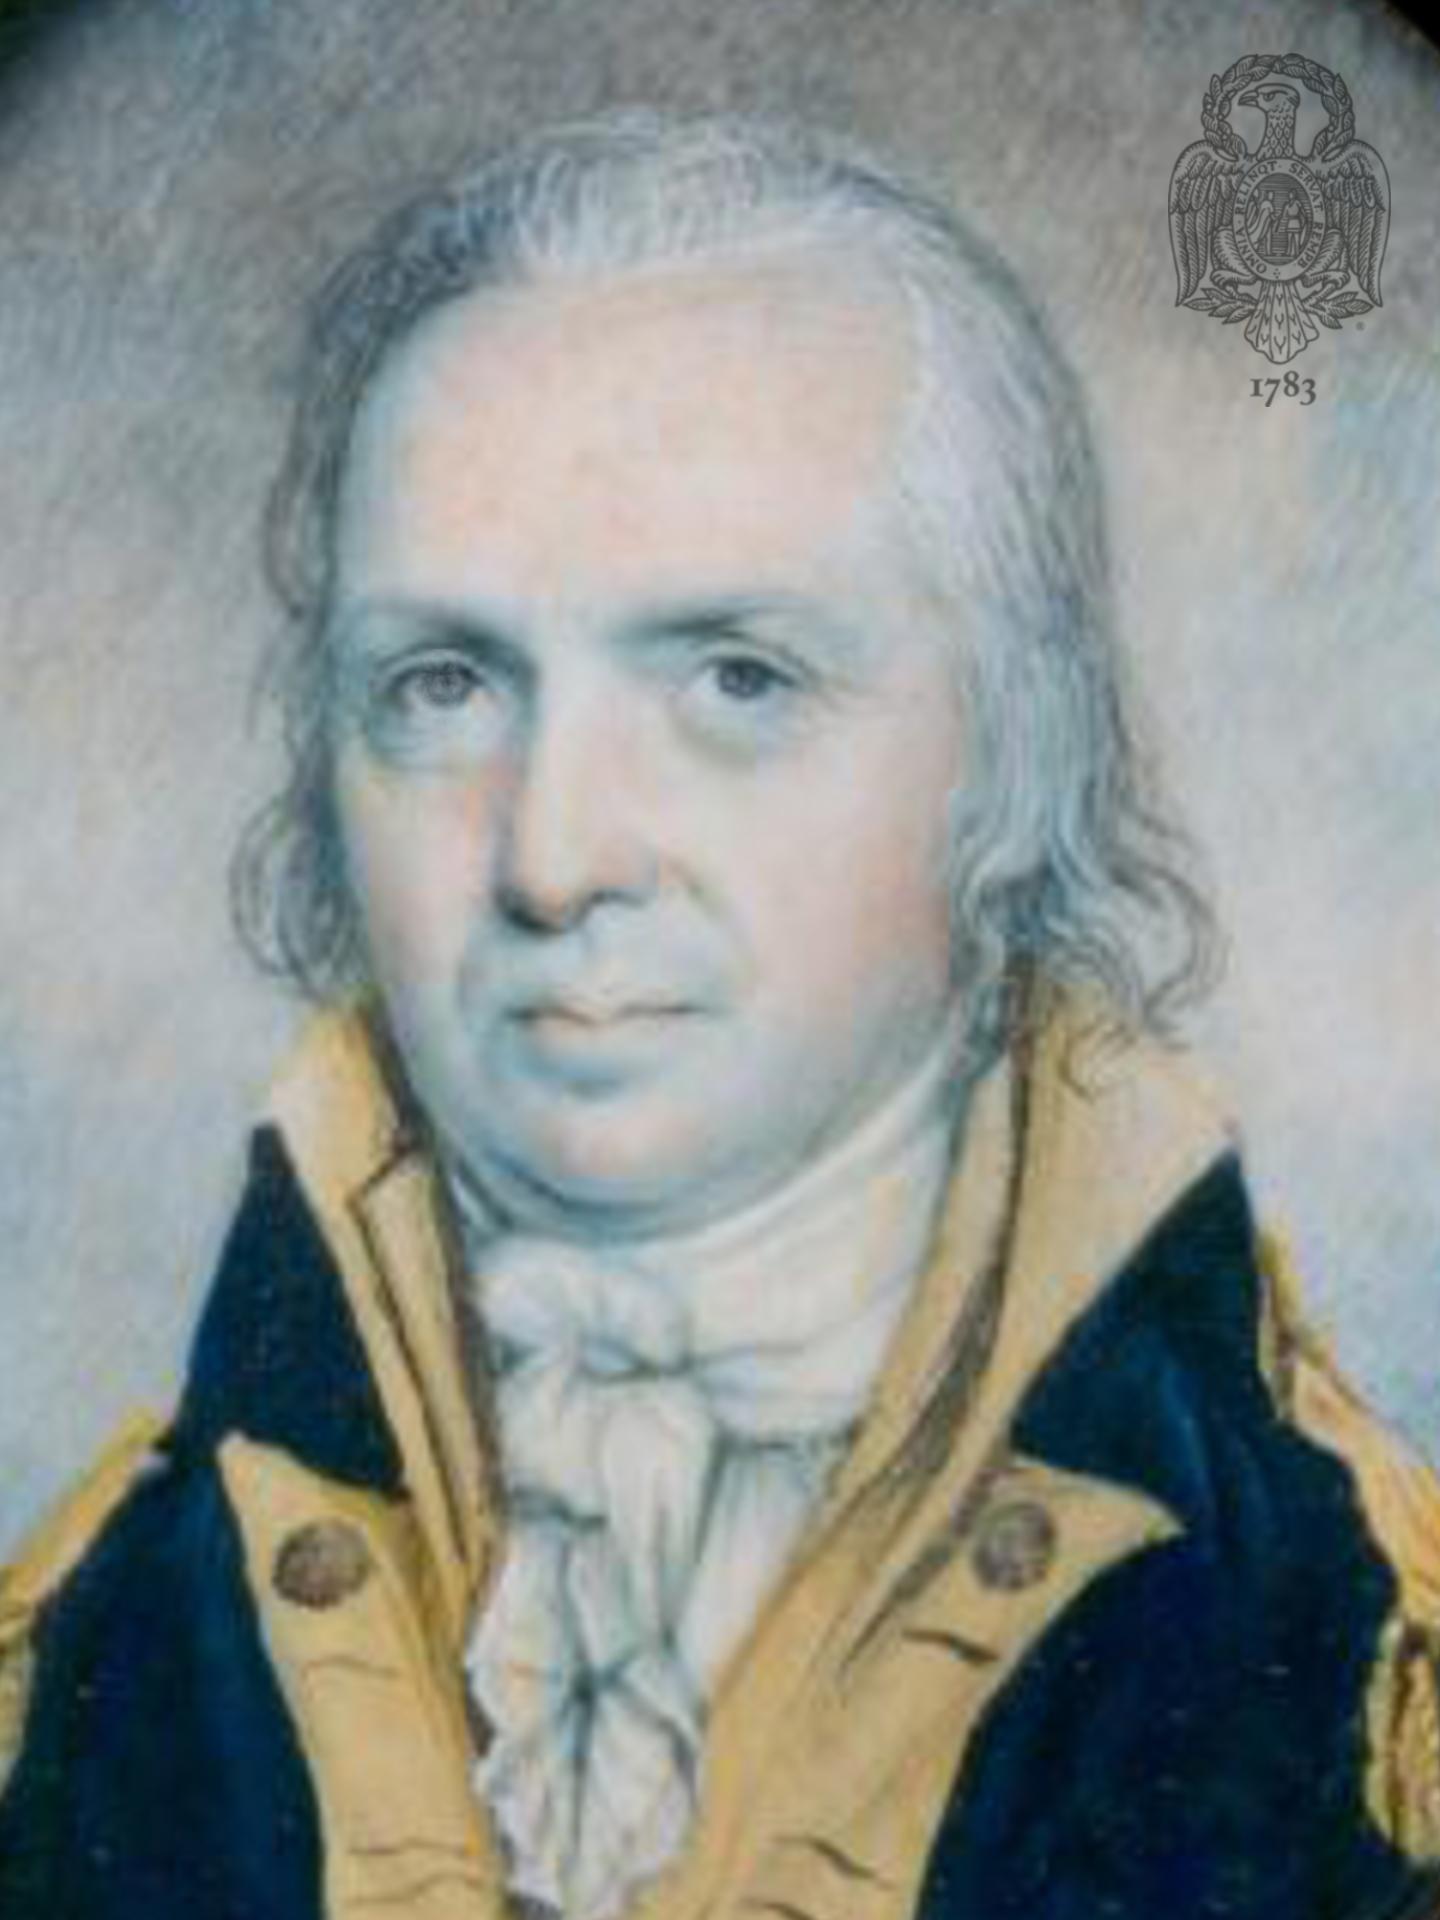 Lt. Col. Josiah Harmar